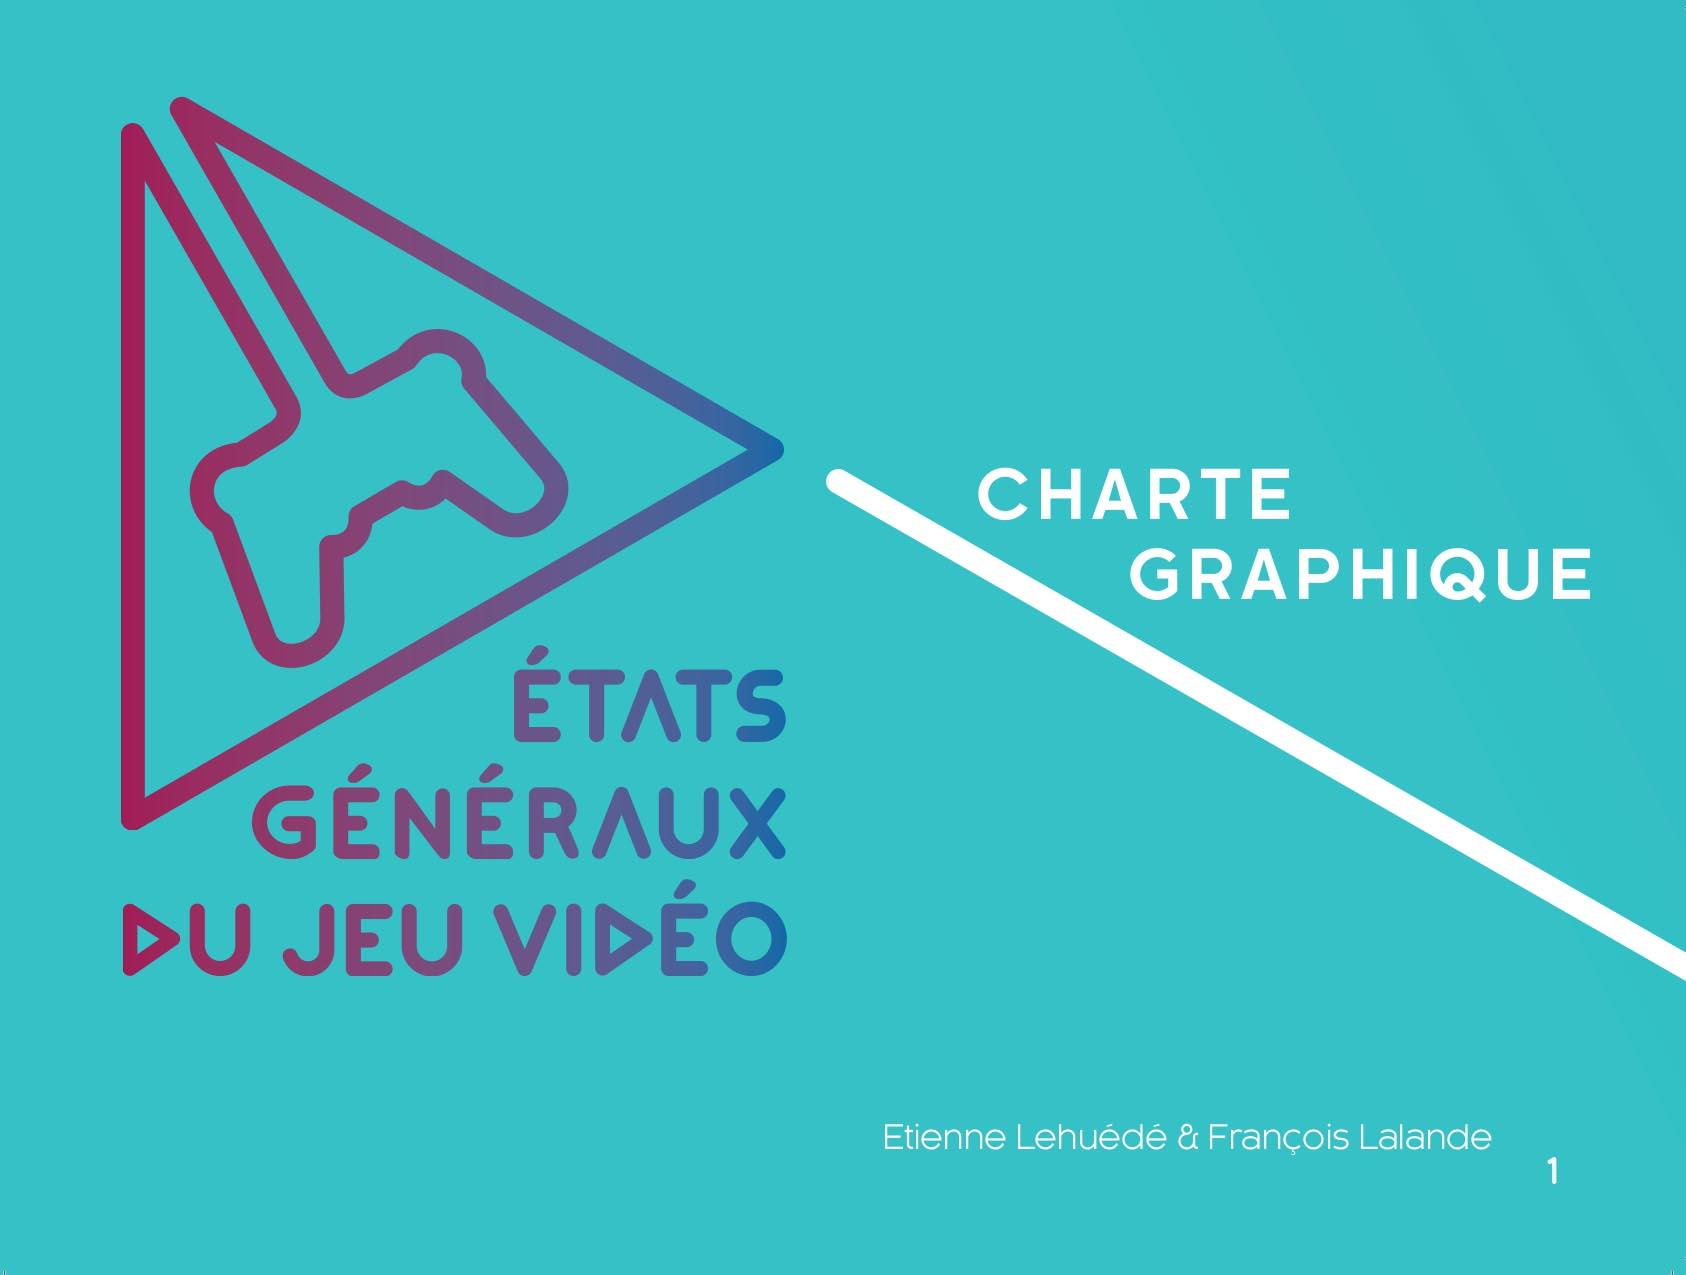 Charte graphique jeu vidéo